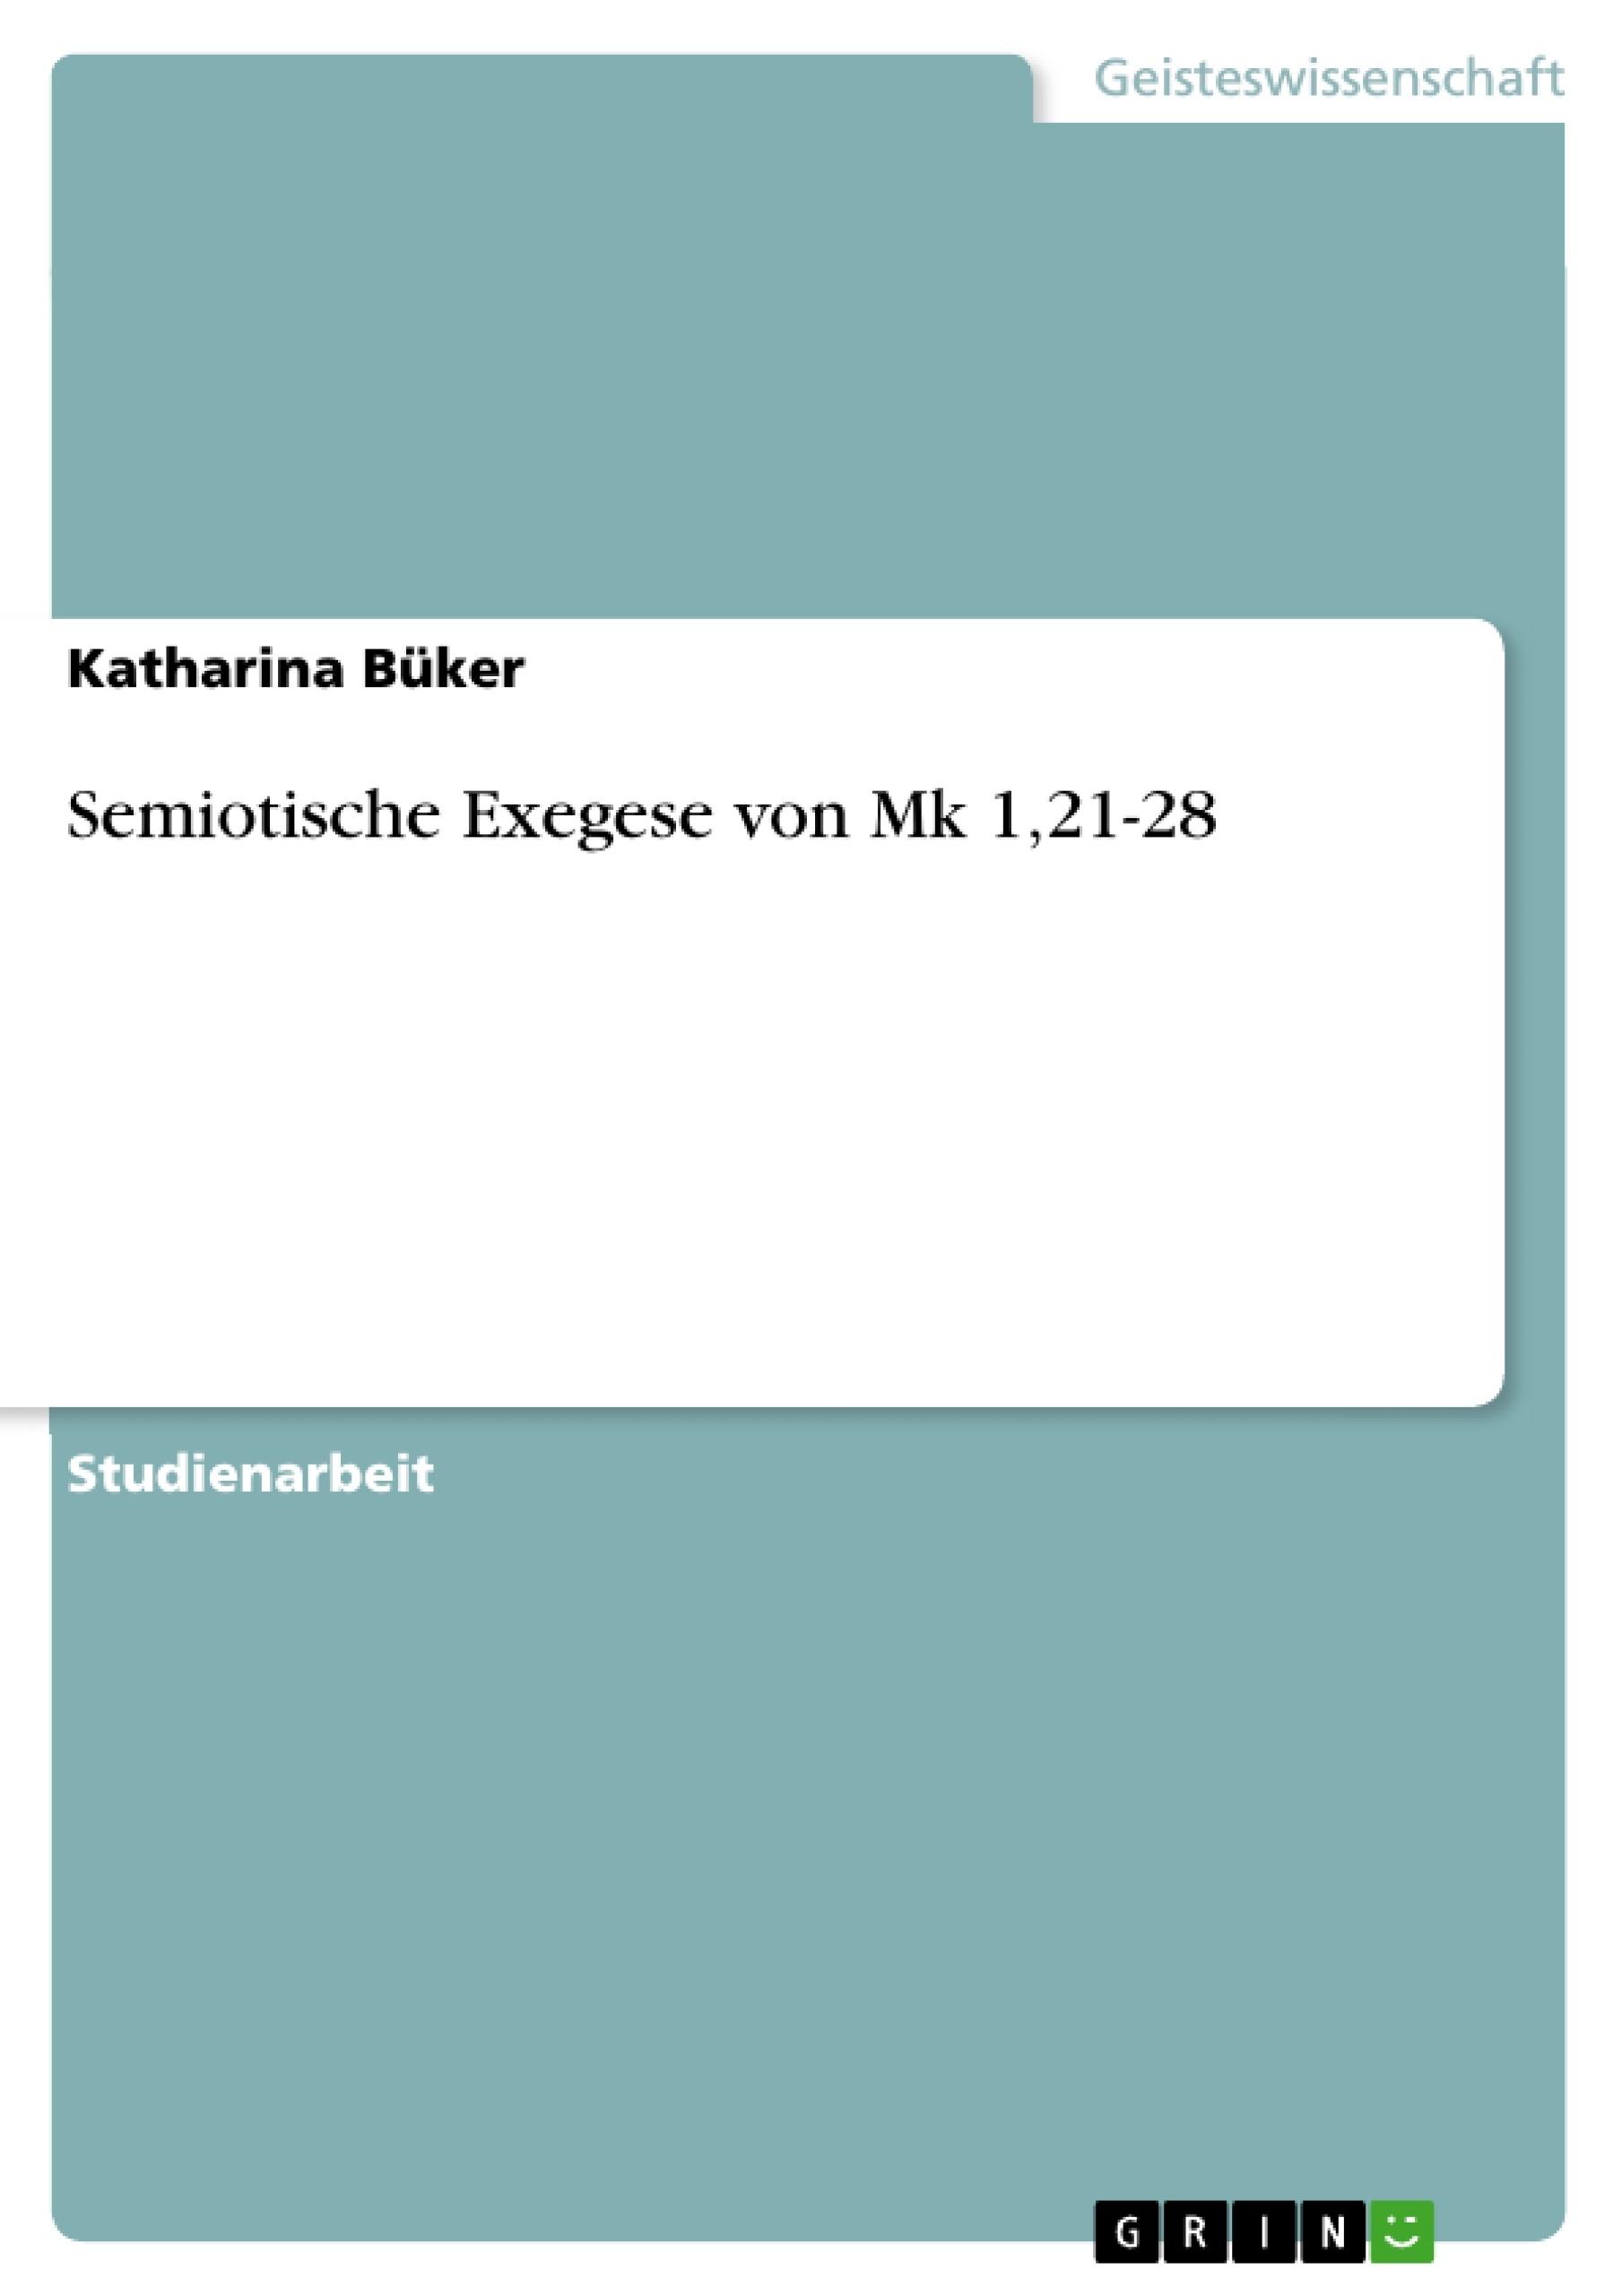 Titel: Semiotische Exegese von Mk 1,21-28